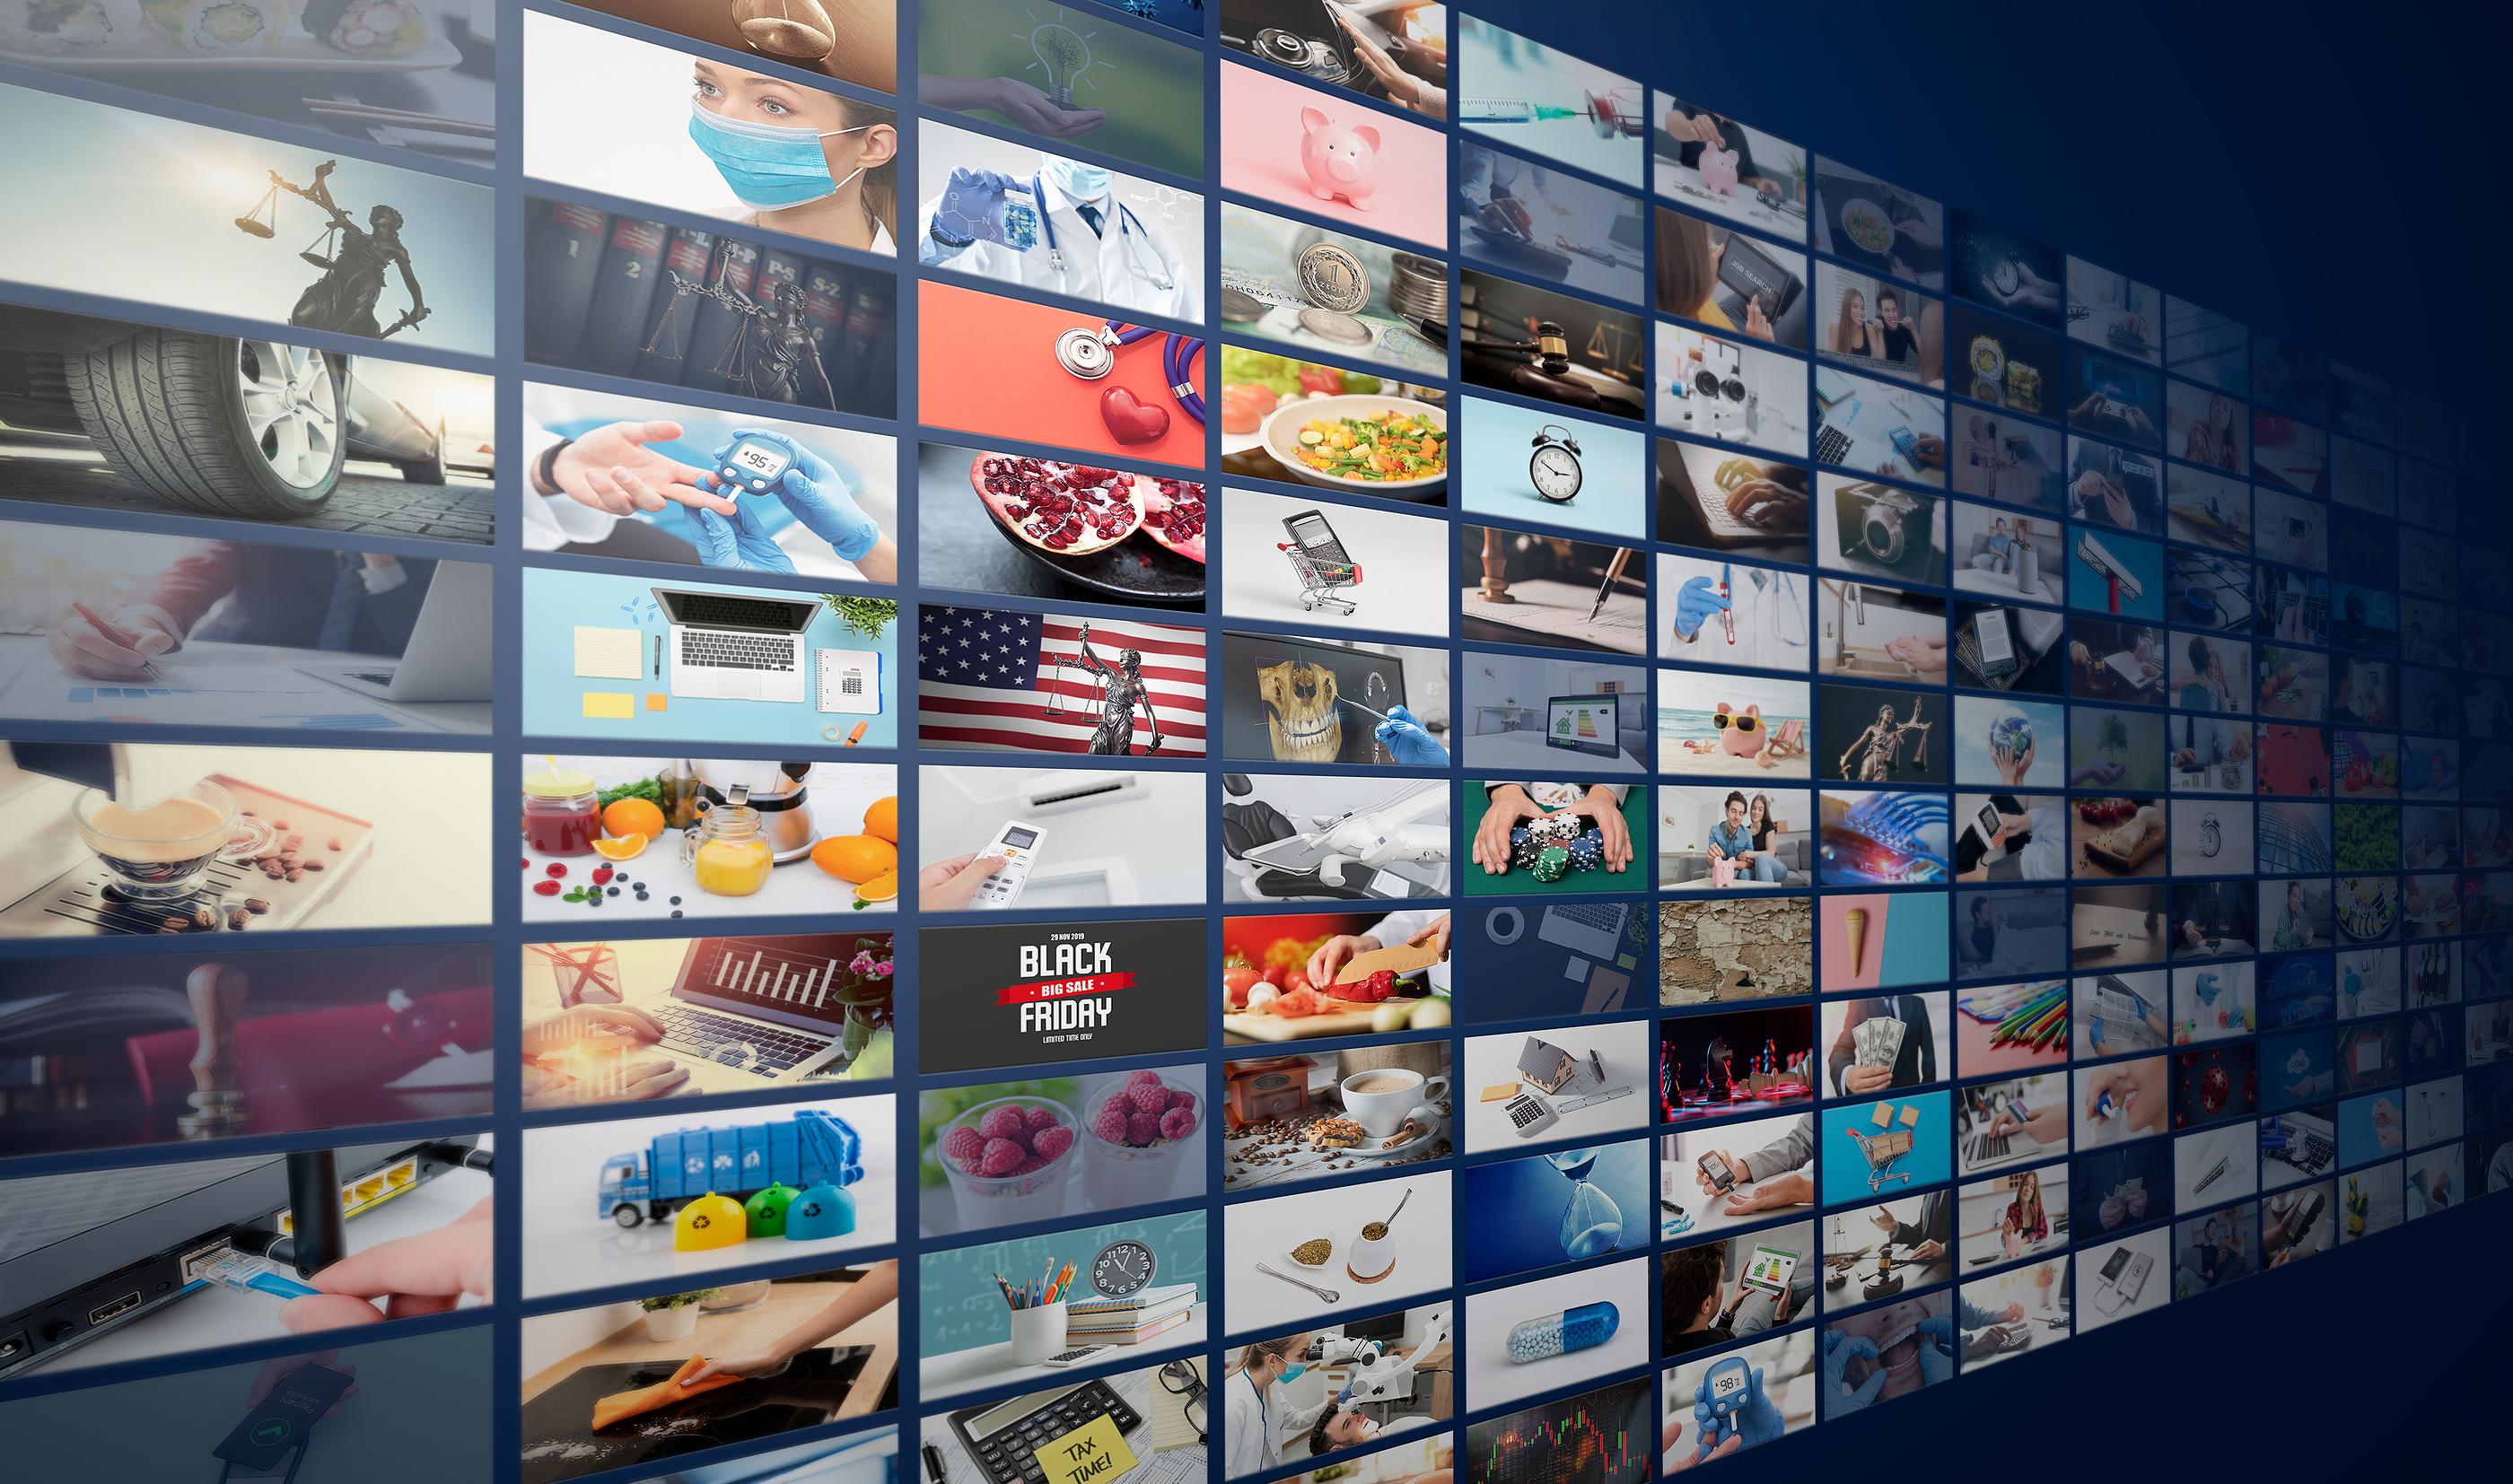 TV stocks, Media stocks, Broadcasting stocks, Digital Broadcasting